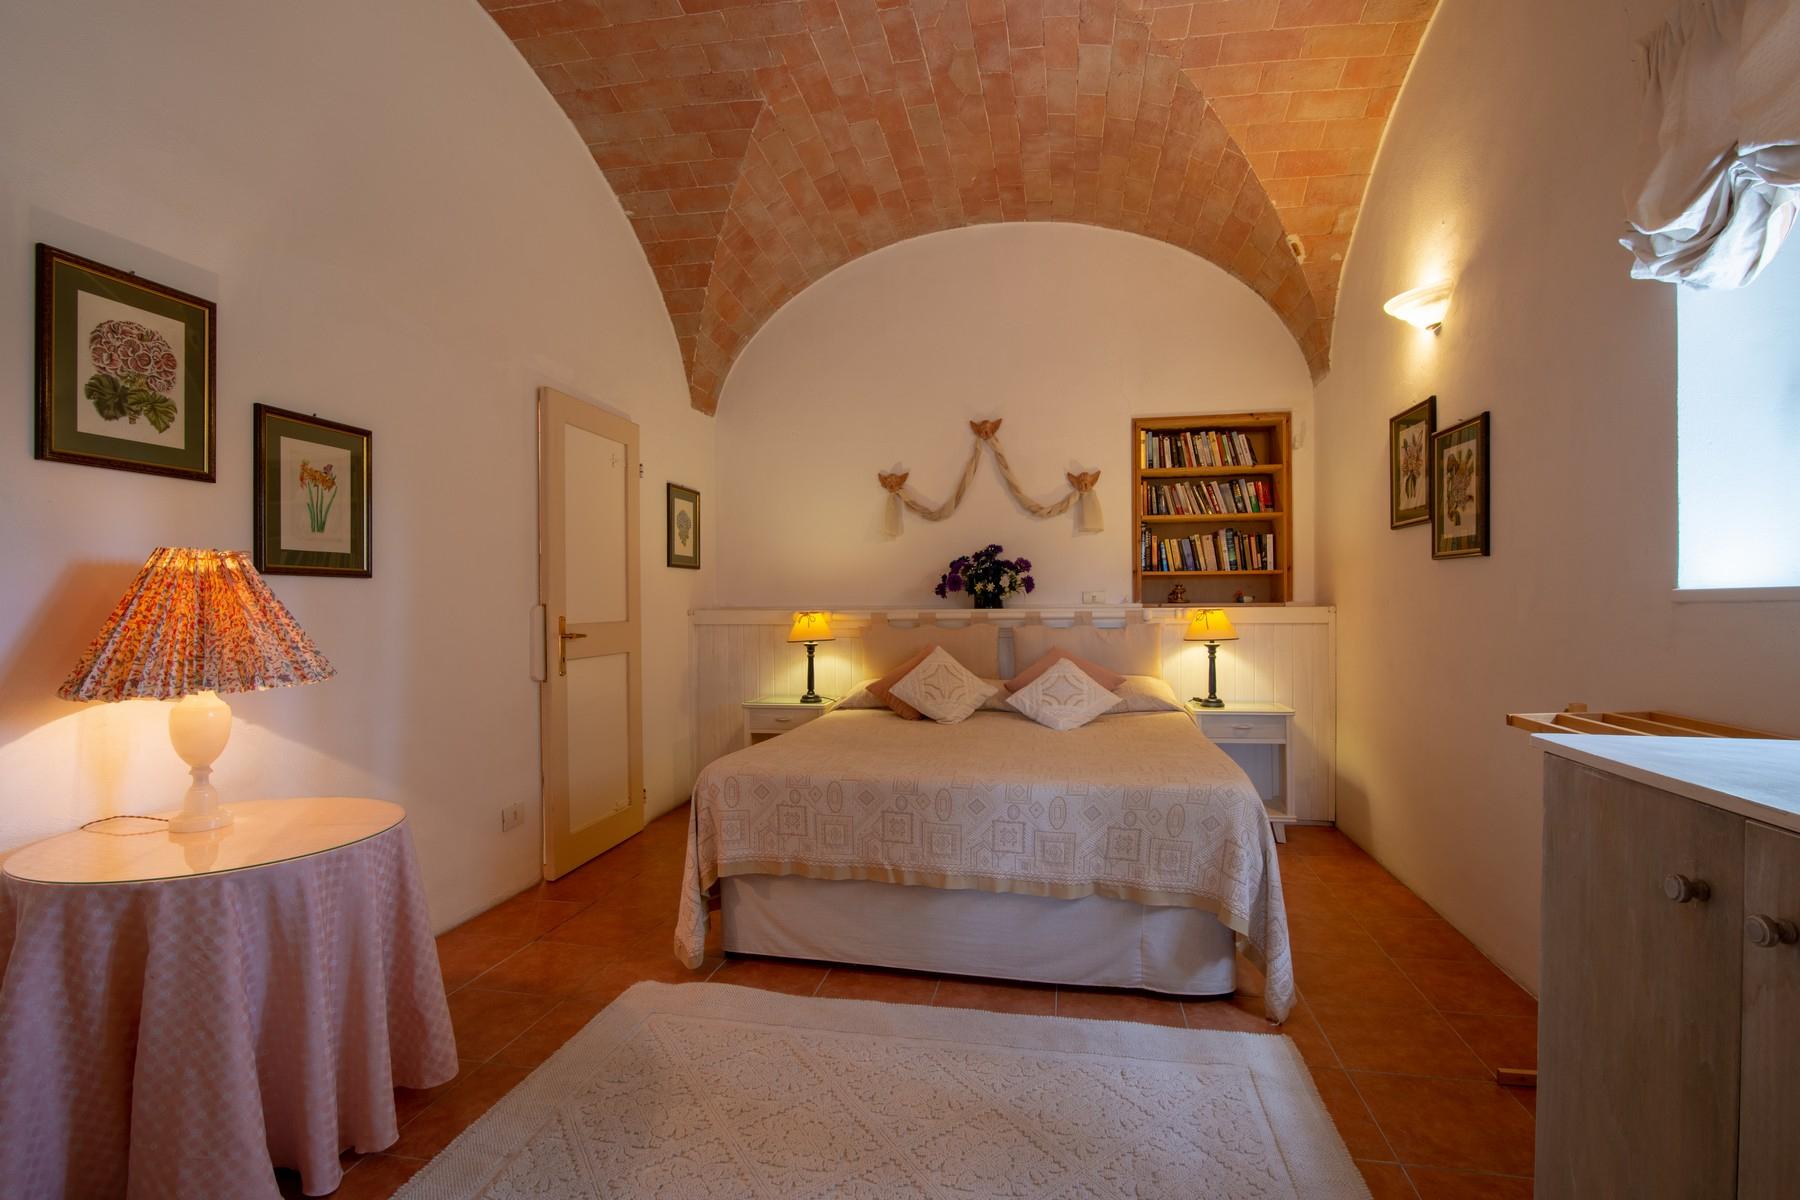 Rustico in Vendita a San Gimignano: 5 locali, 615 mq - Foto 11